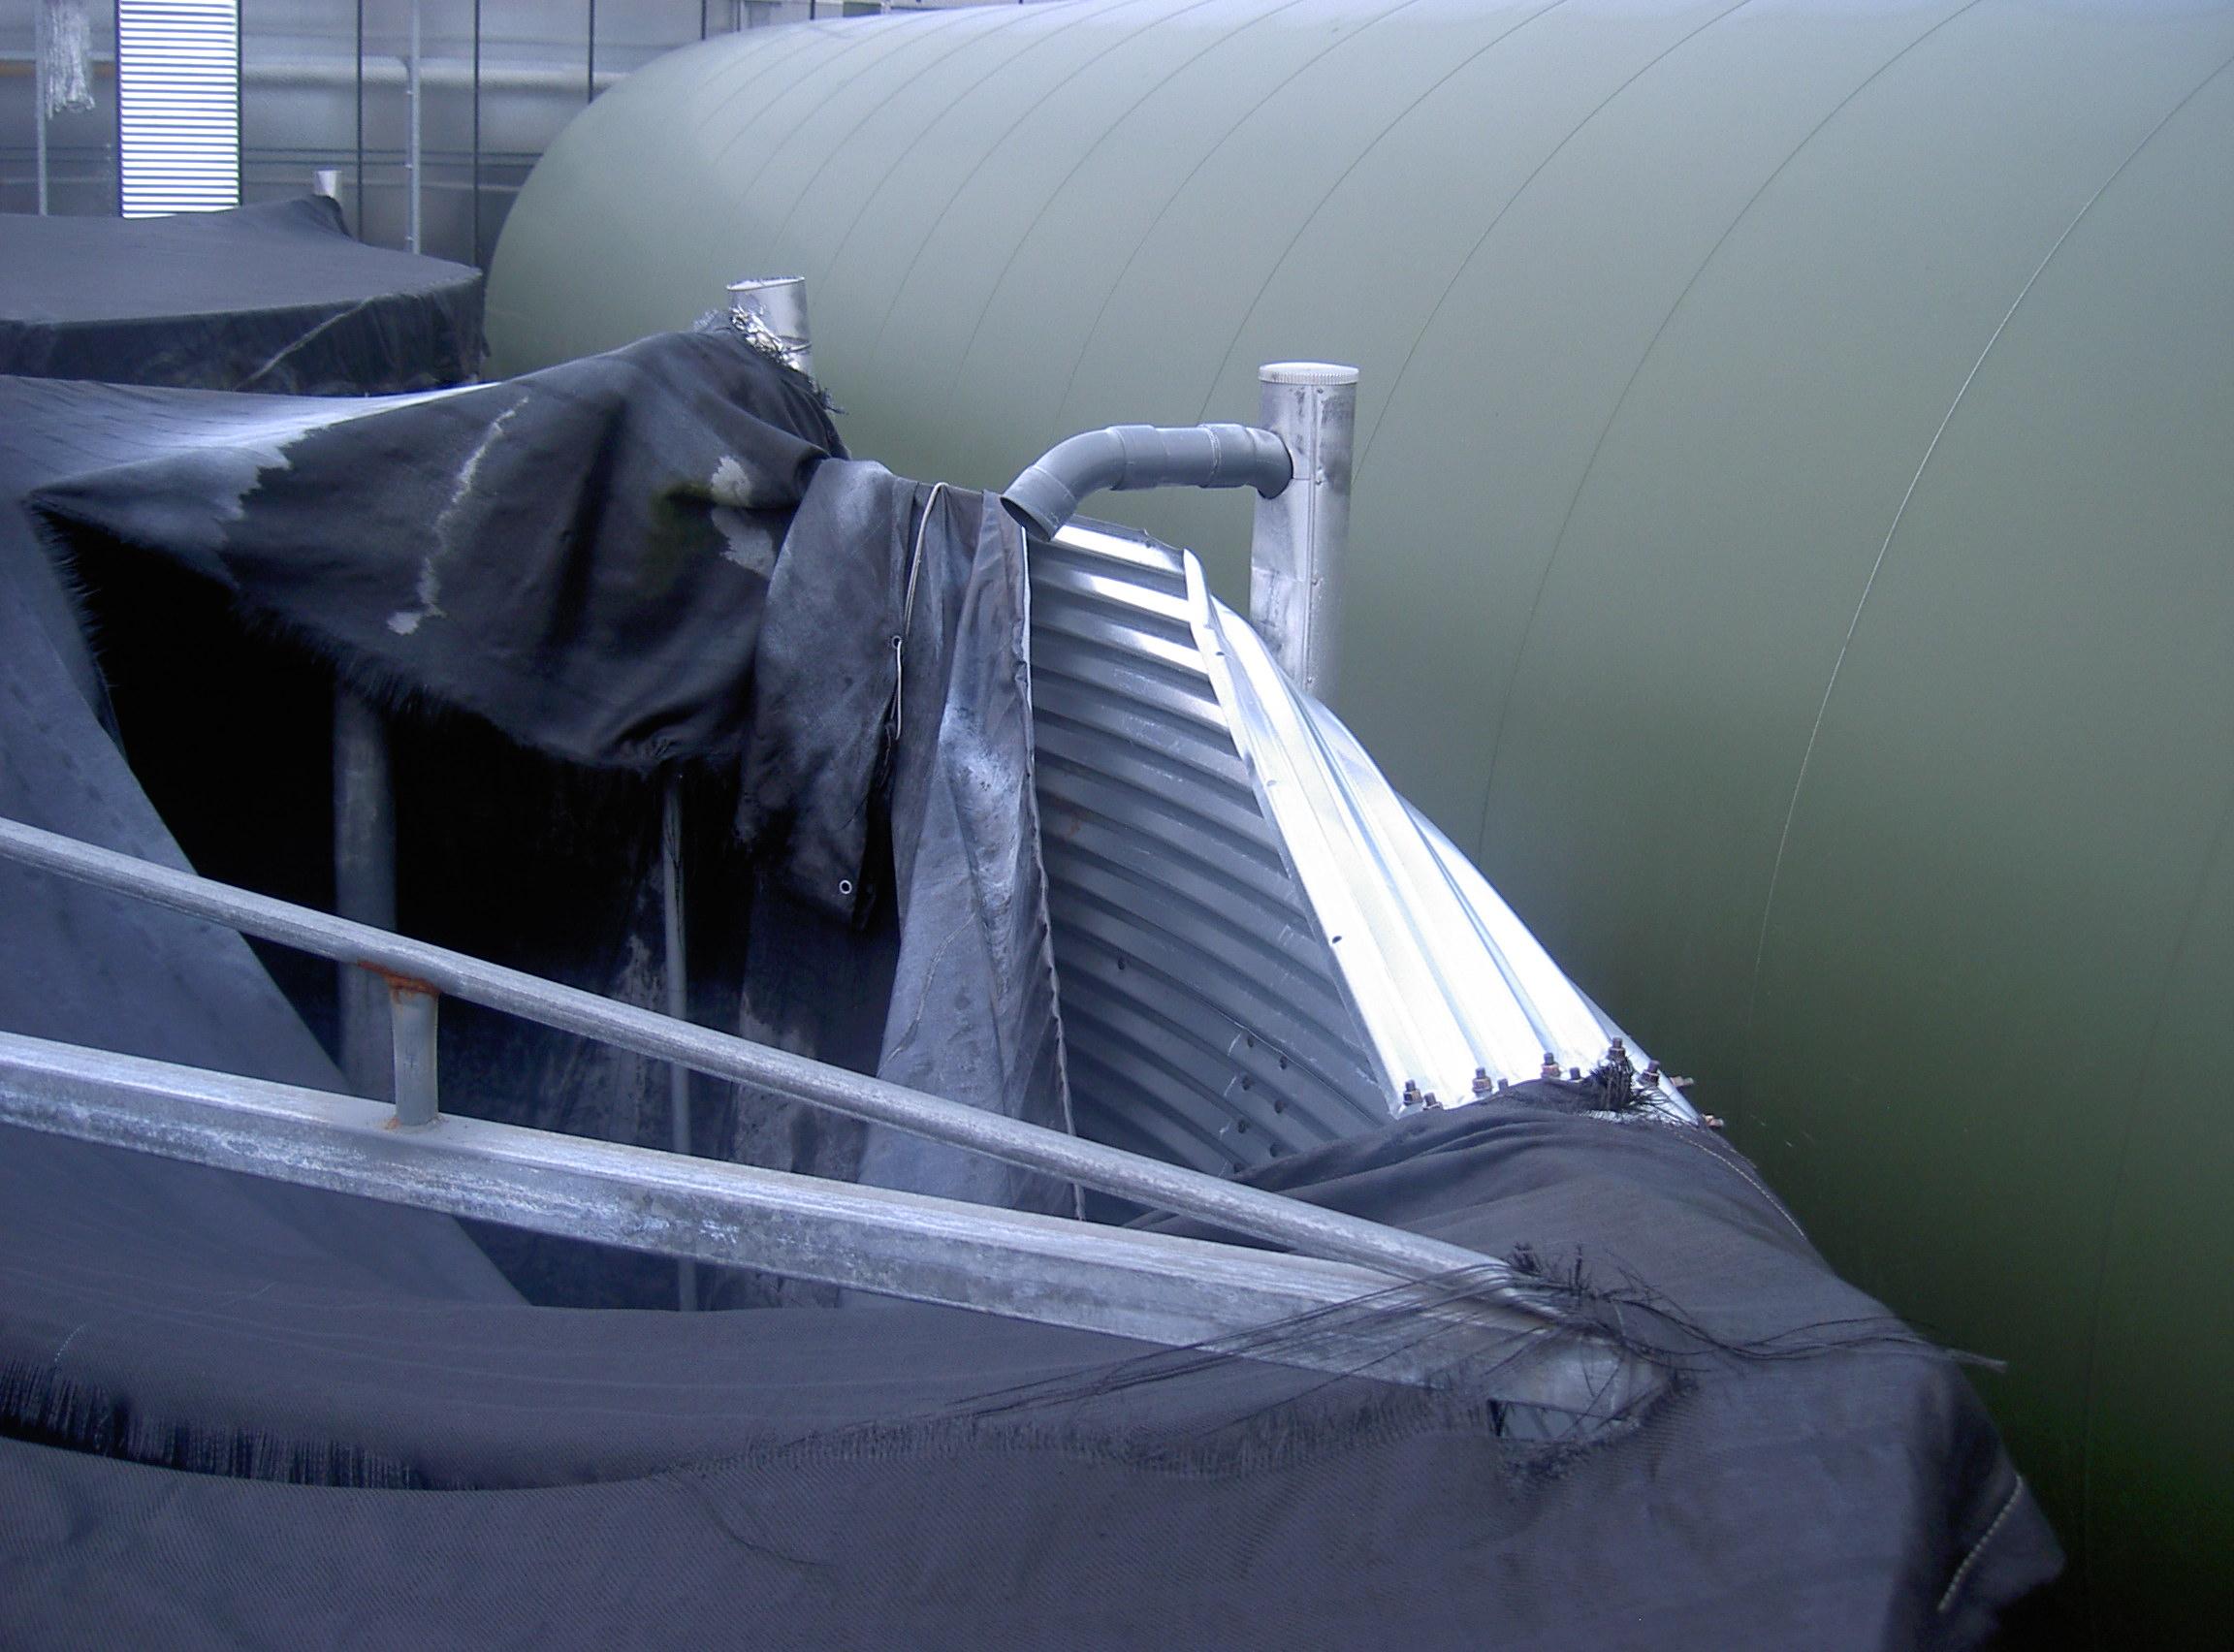 Voorbeeld van een defecte silo met ingeklapte platen. Tijd voor reparatie!